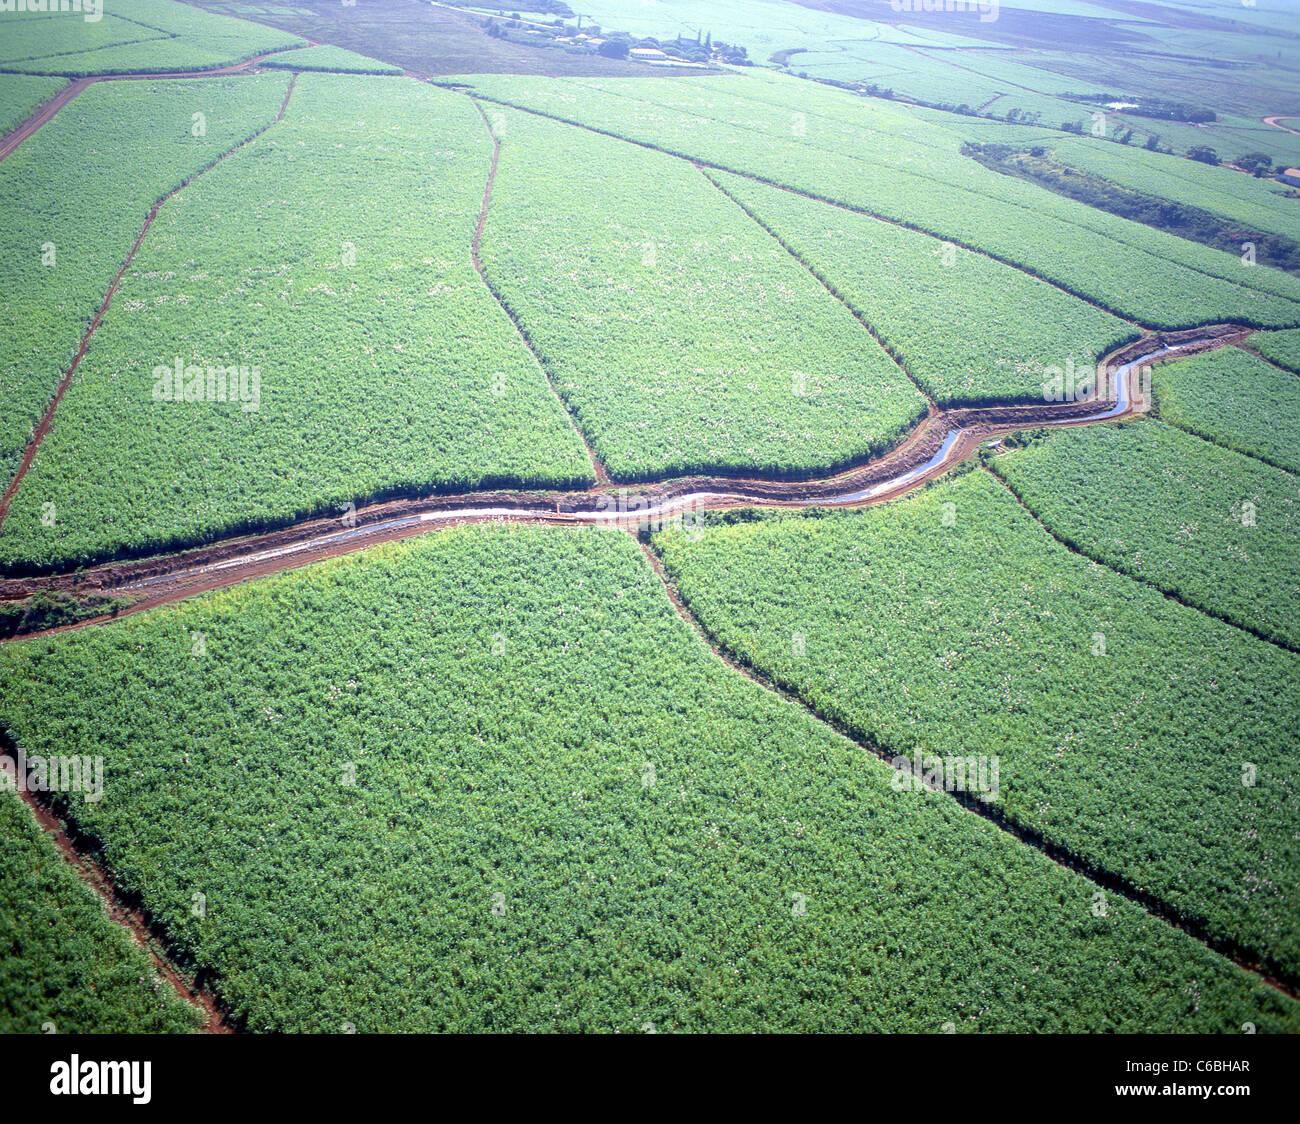 Vista aérea de plantaciones de piña, Oahu, Hawaii, Estados Unidos de América Foto de stock